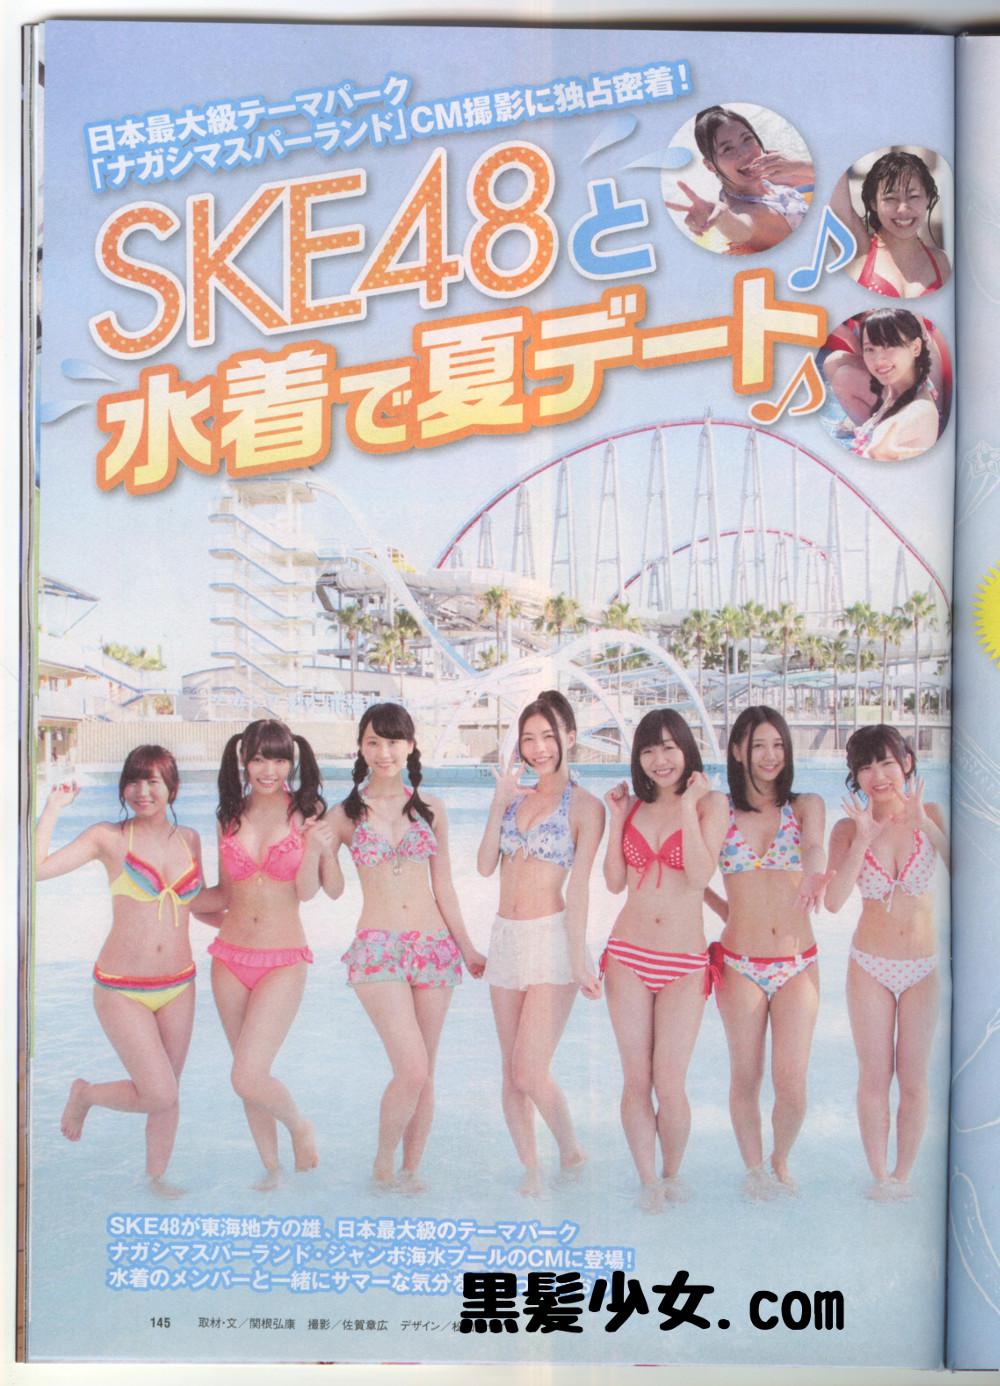 週プレ36 SKE48